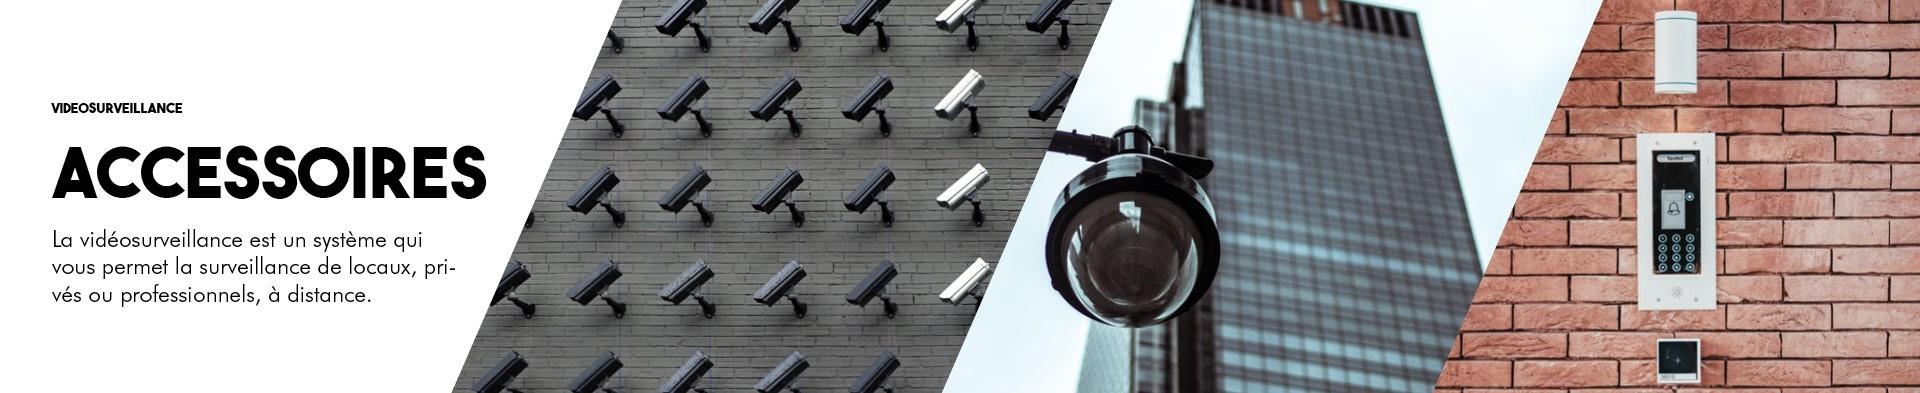 Accessoires vidéosurveillance| BlackPanther.fr